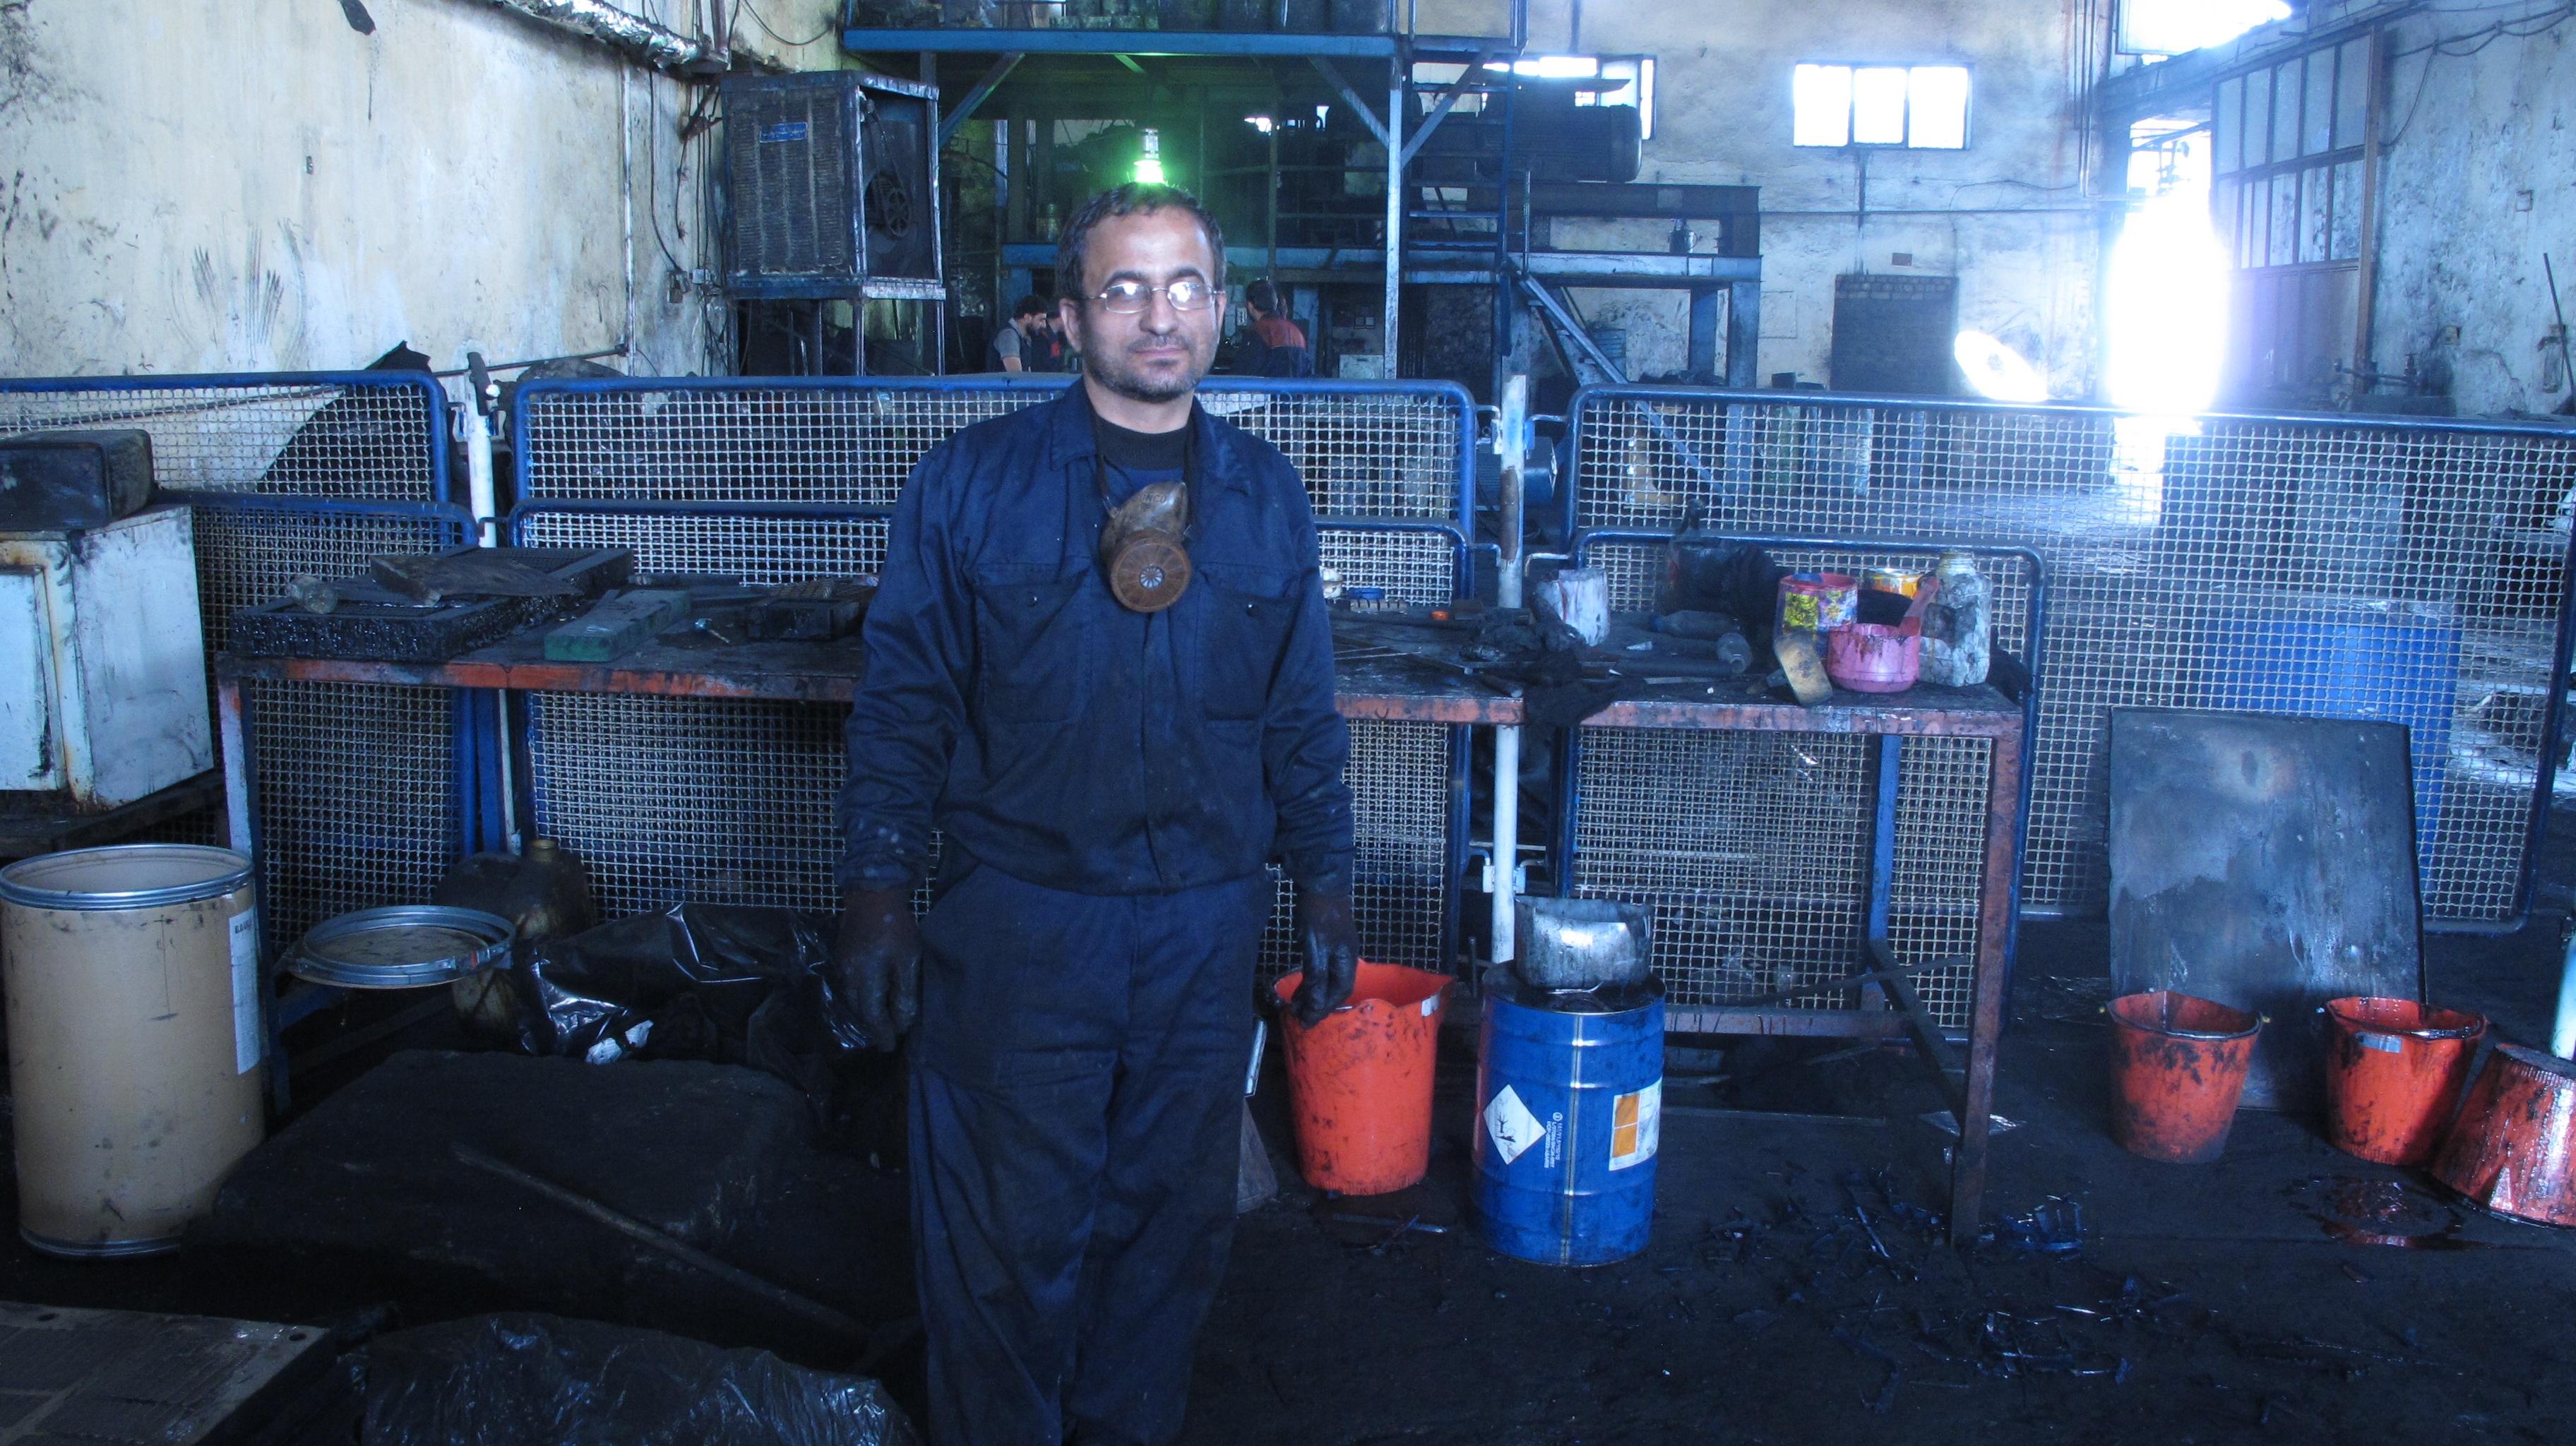 کارگرانی که سخت کار می کنند و همچنان  امید دارند/ تجربه زندگی در کارخانه های صنعتی